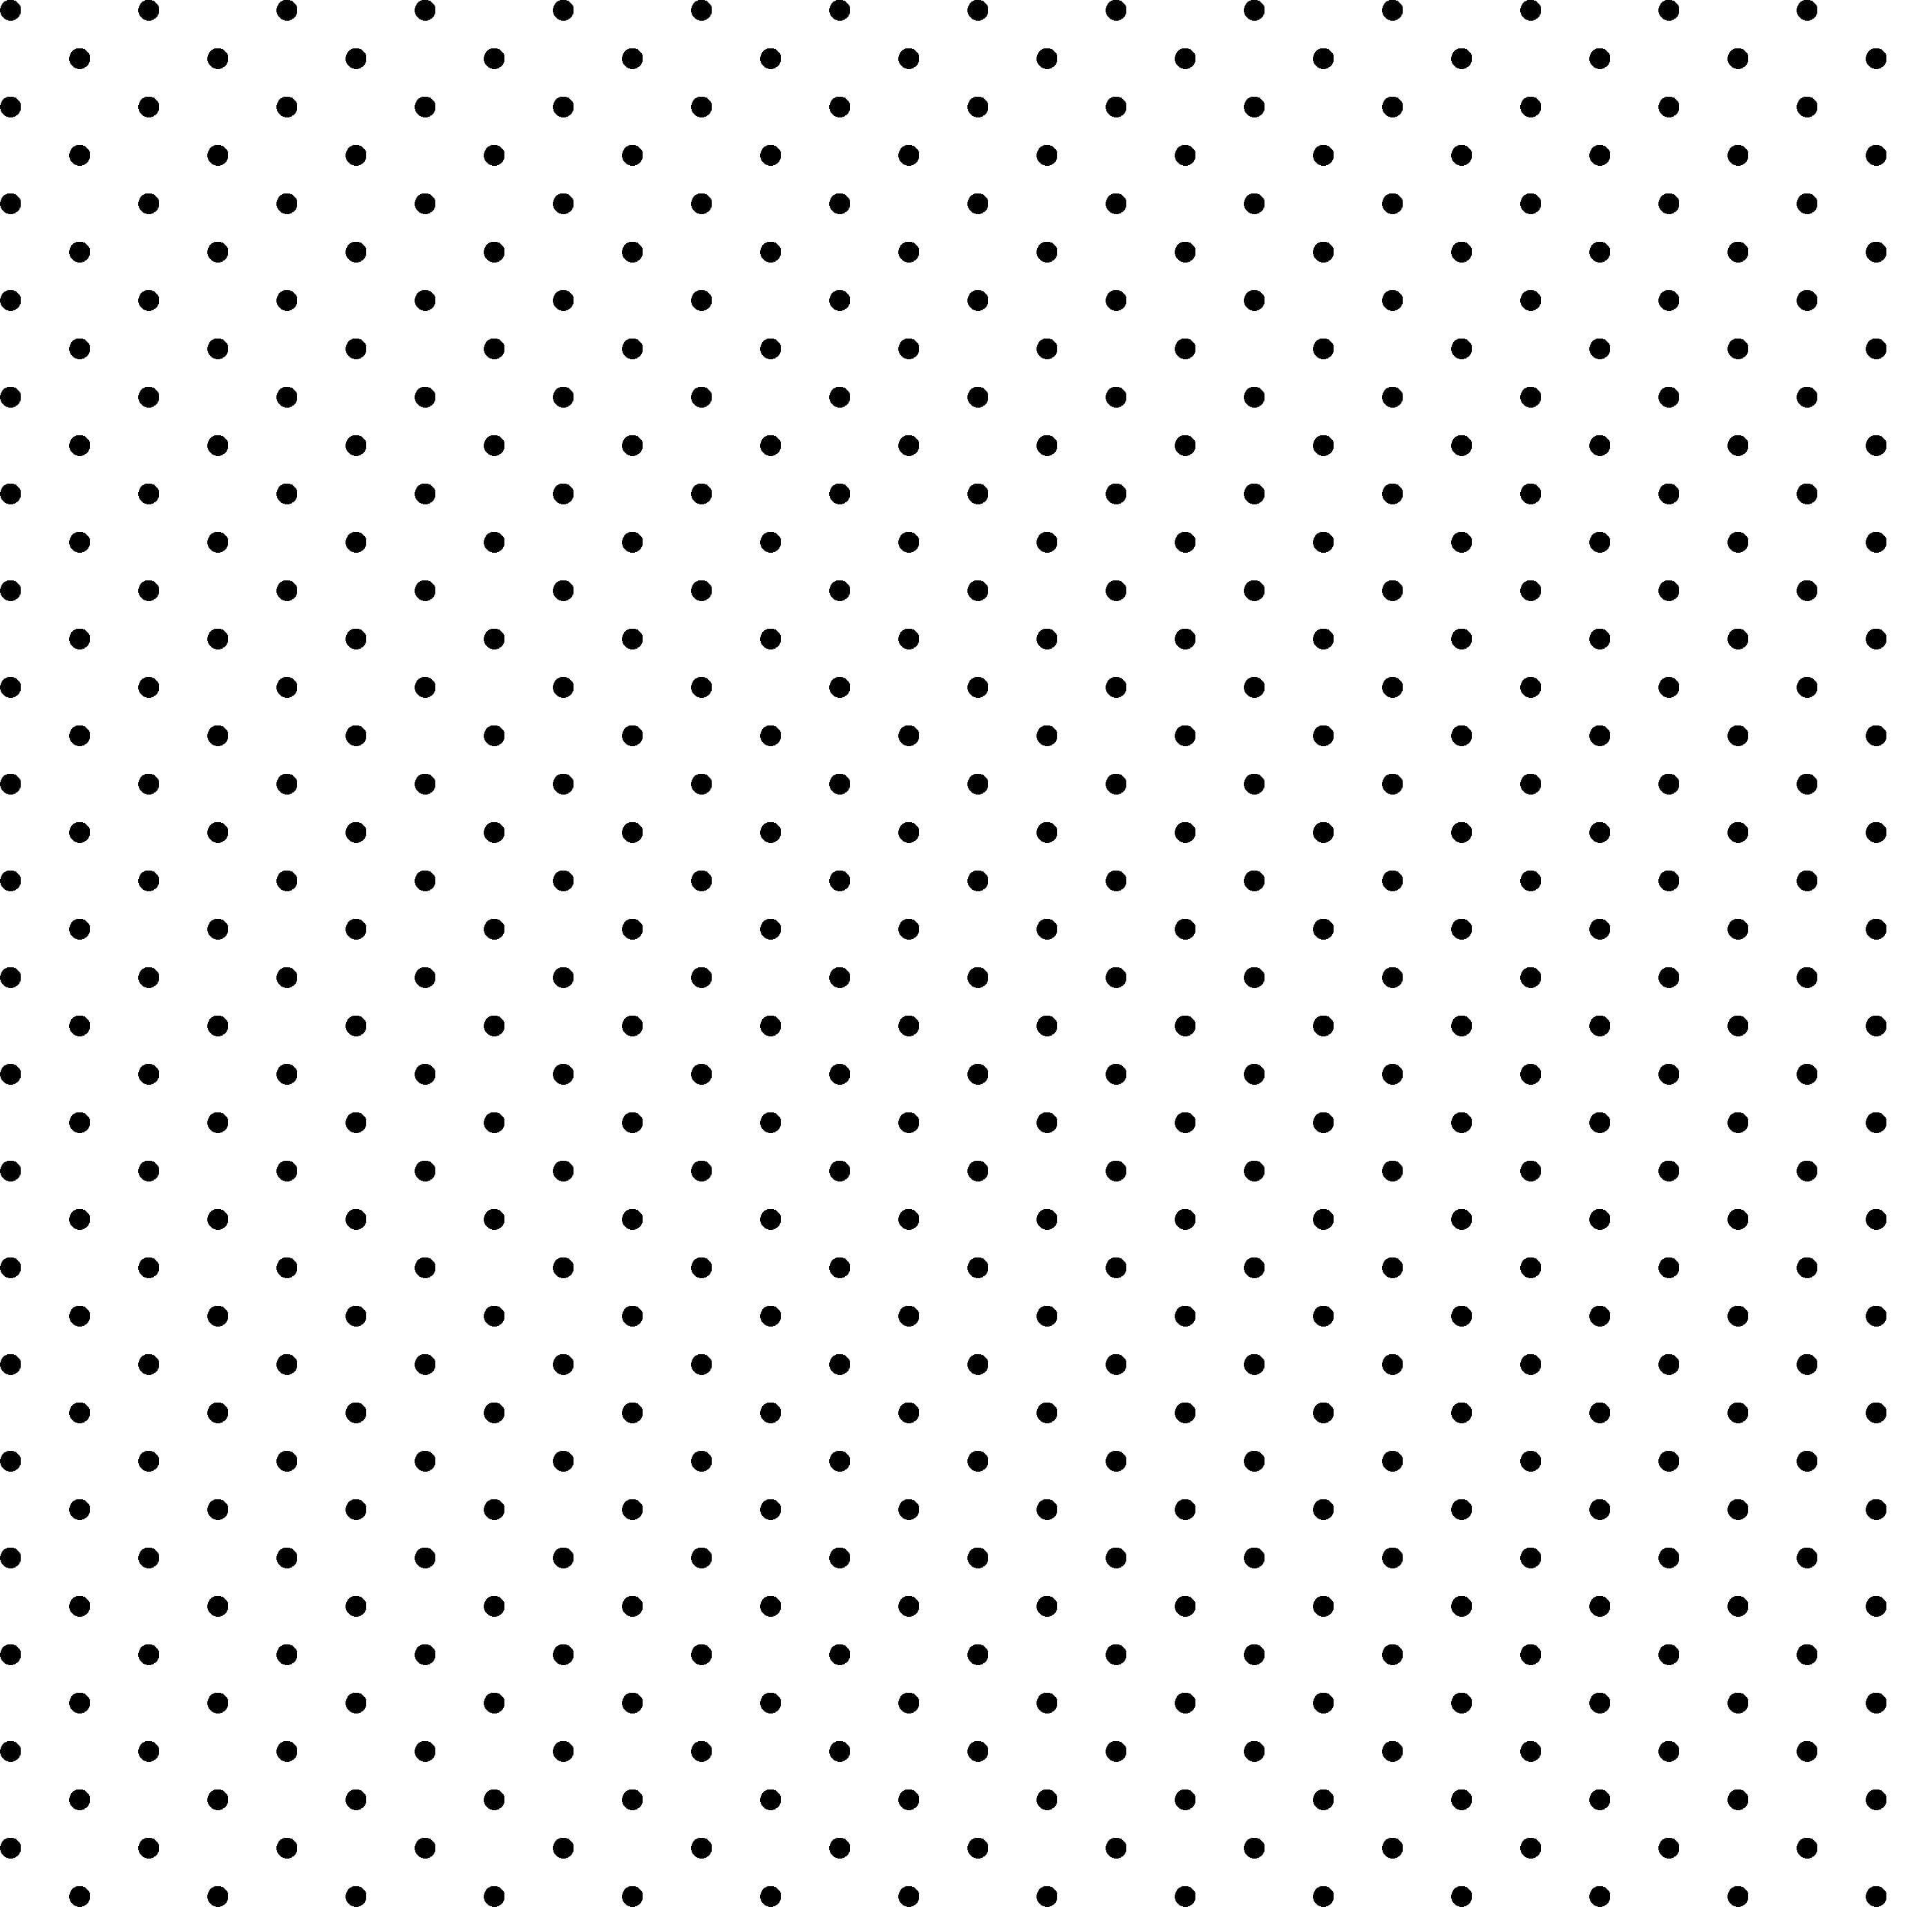 Tricoline Bolinhas Micro P1002-103 Branco com Preto - Bolinhas • Poás